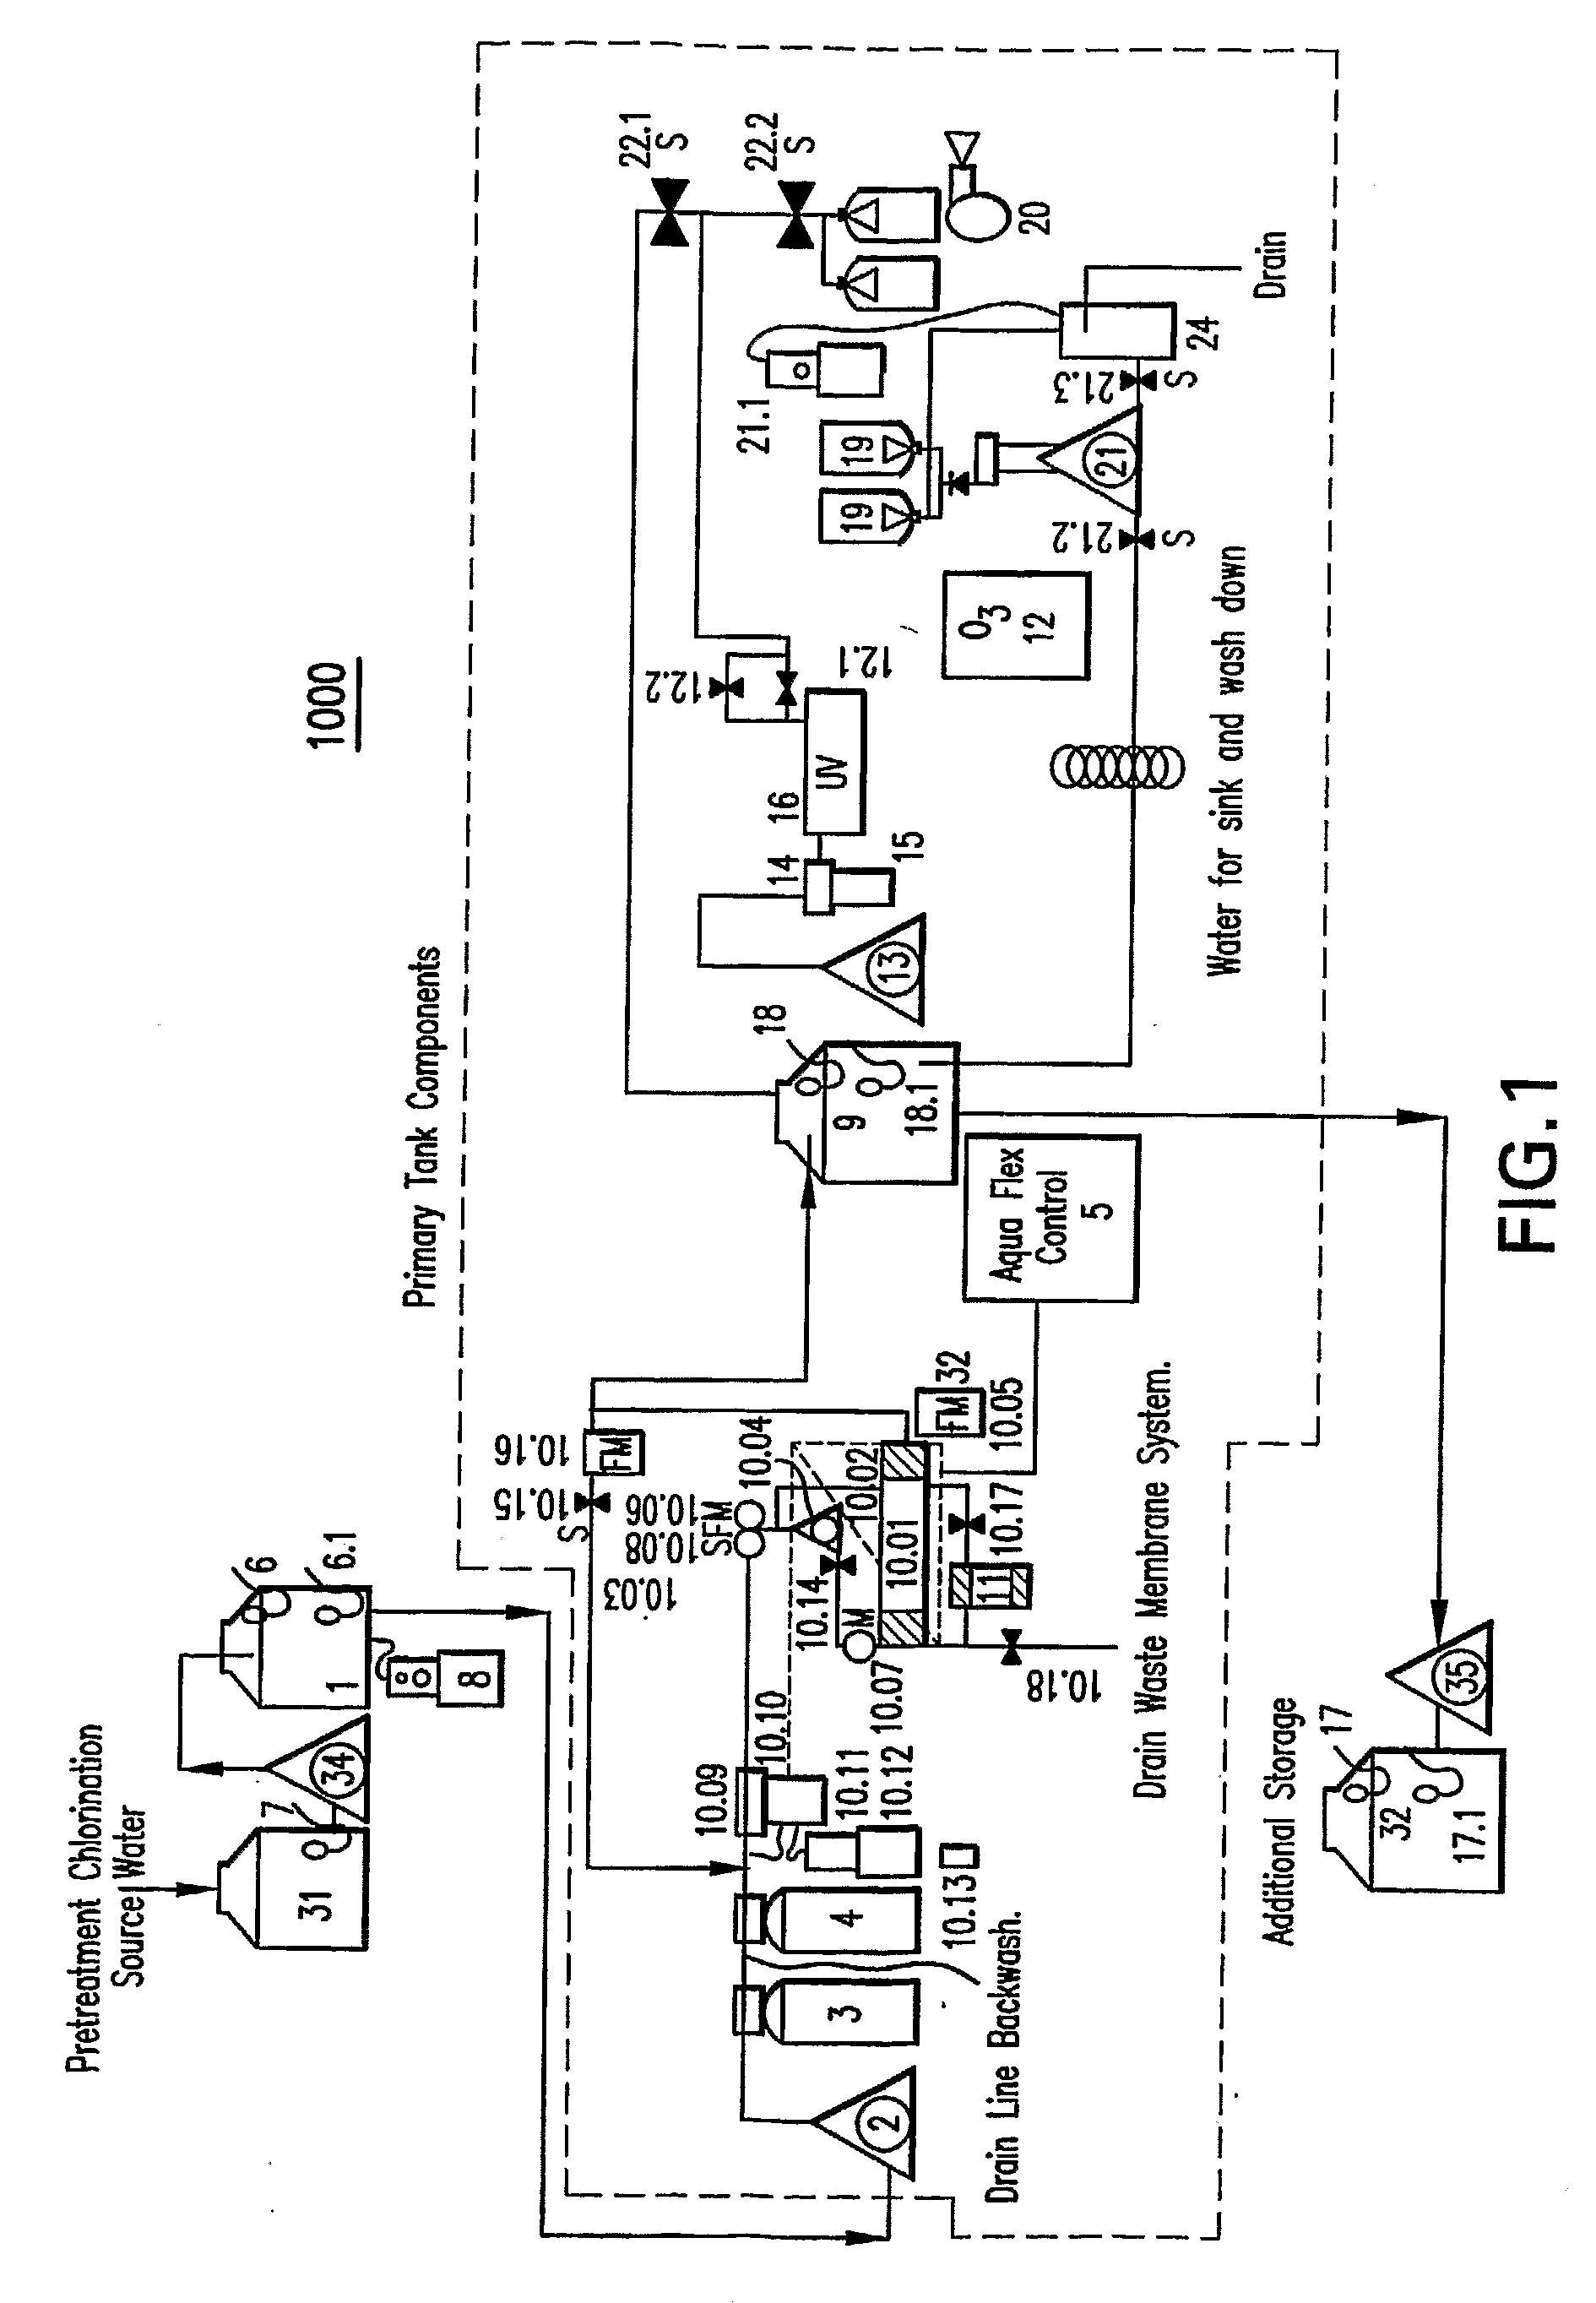 patent us20080314807